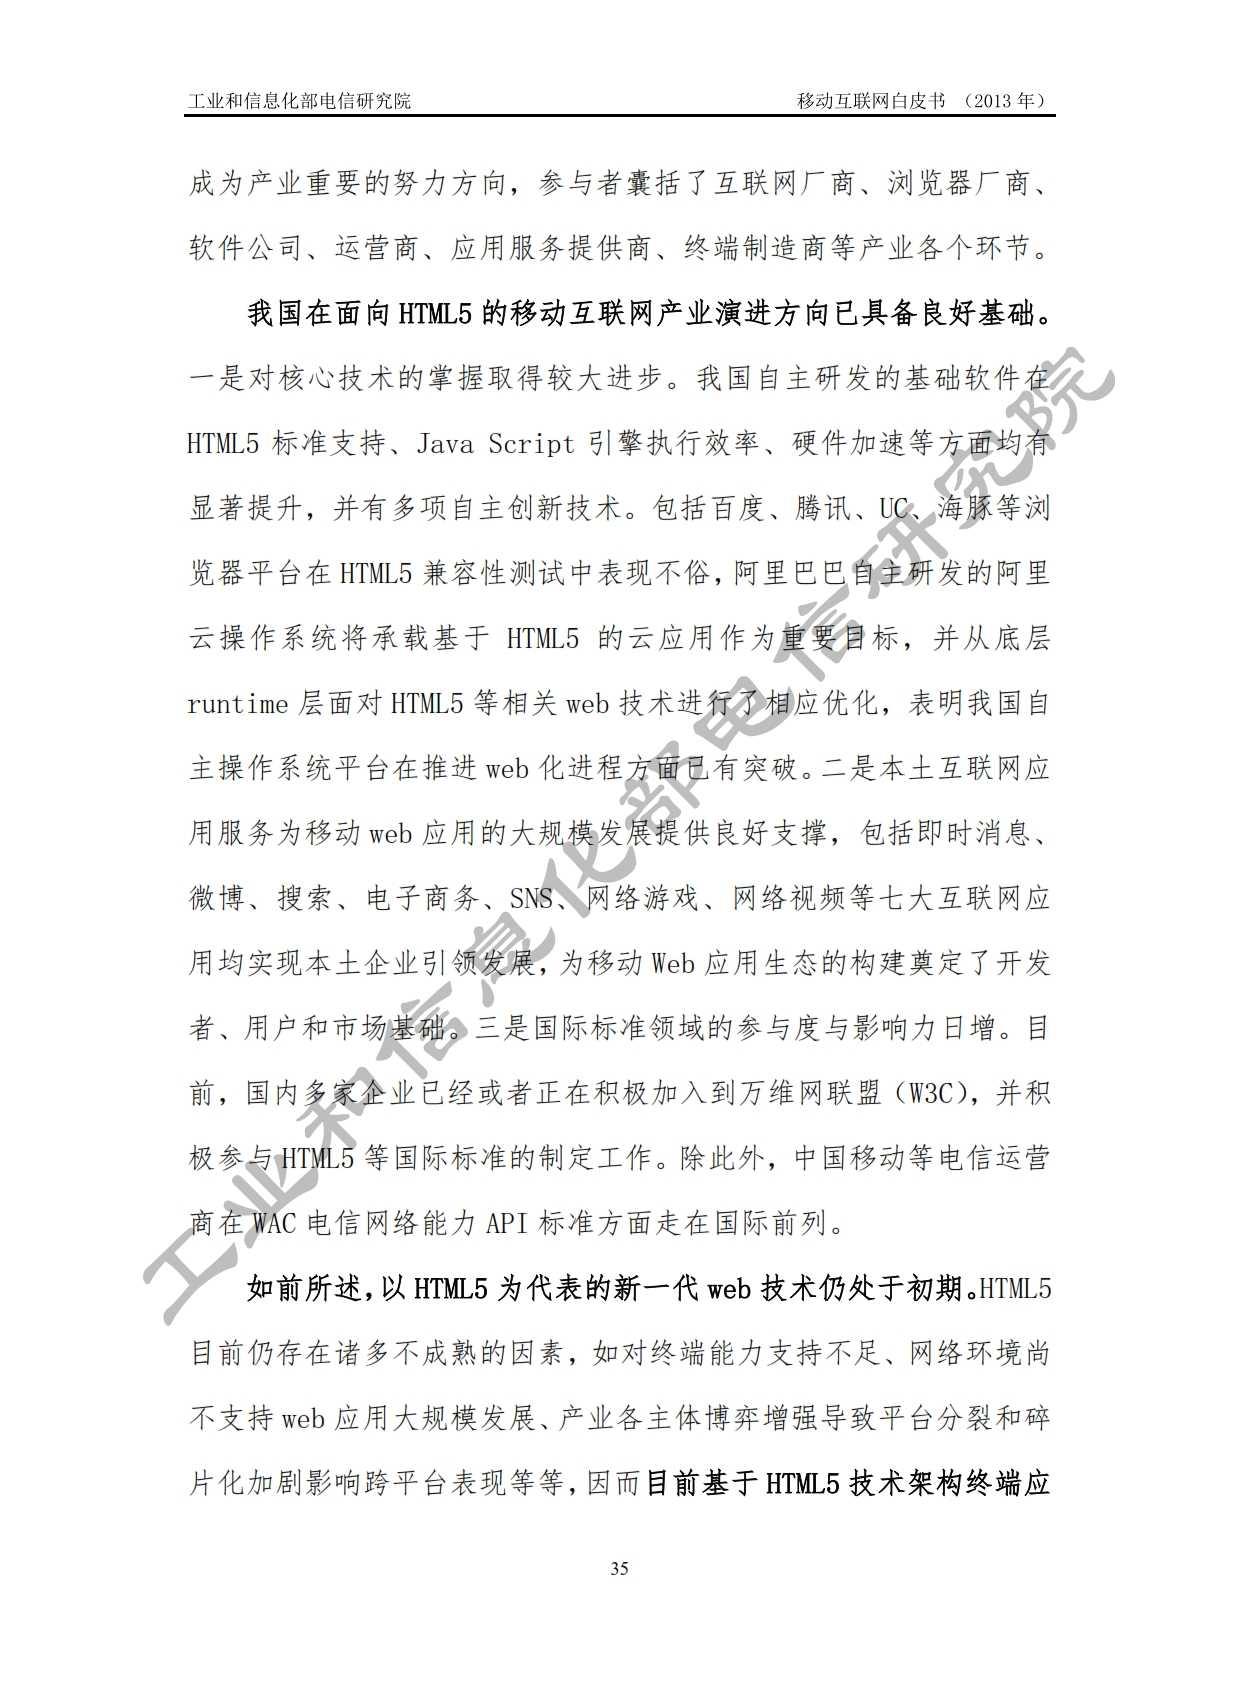 工信部:2013年中国移动互联网白皮书_039